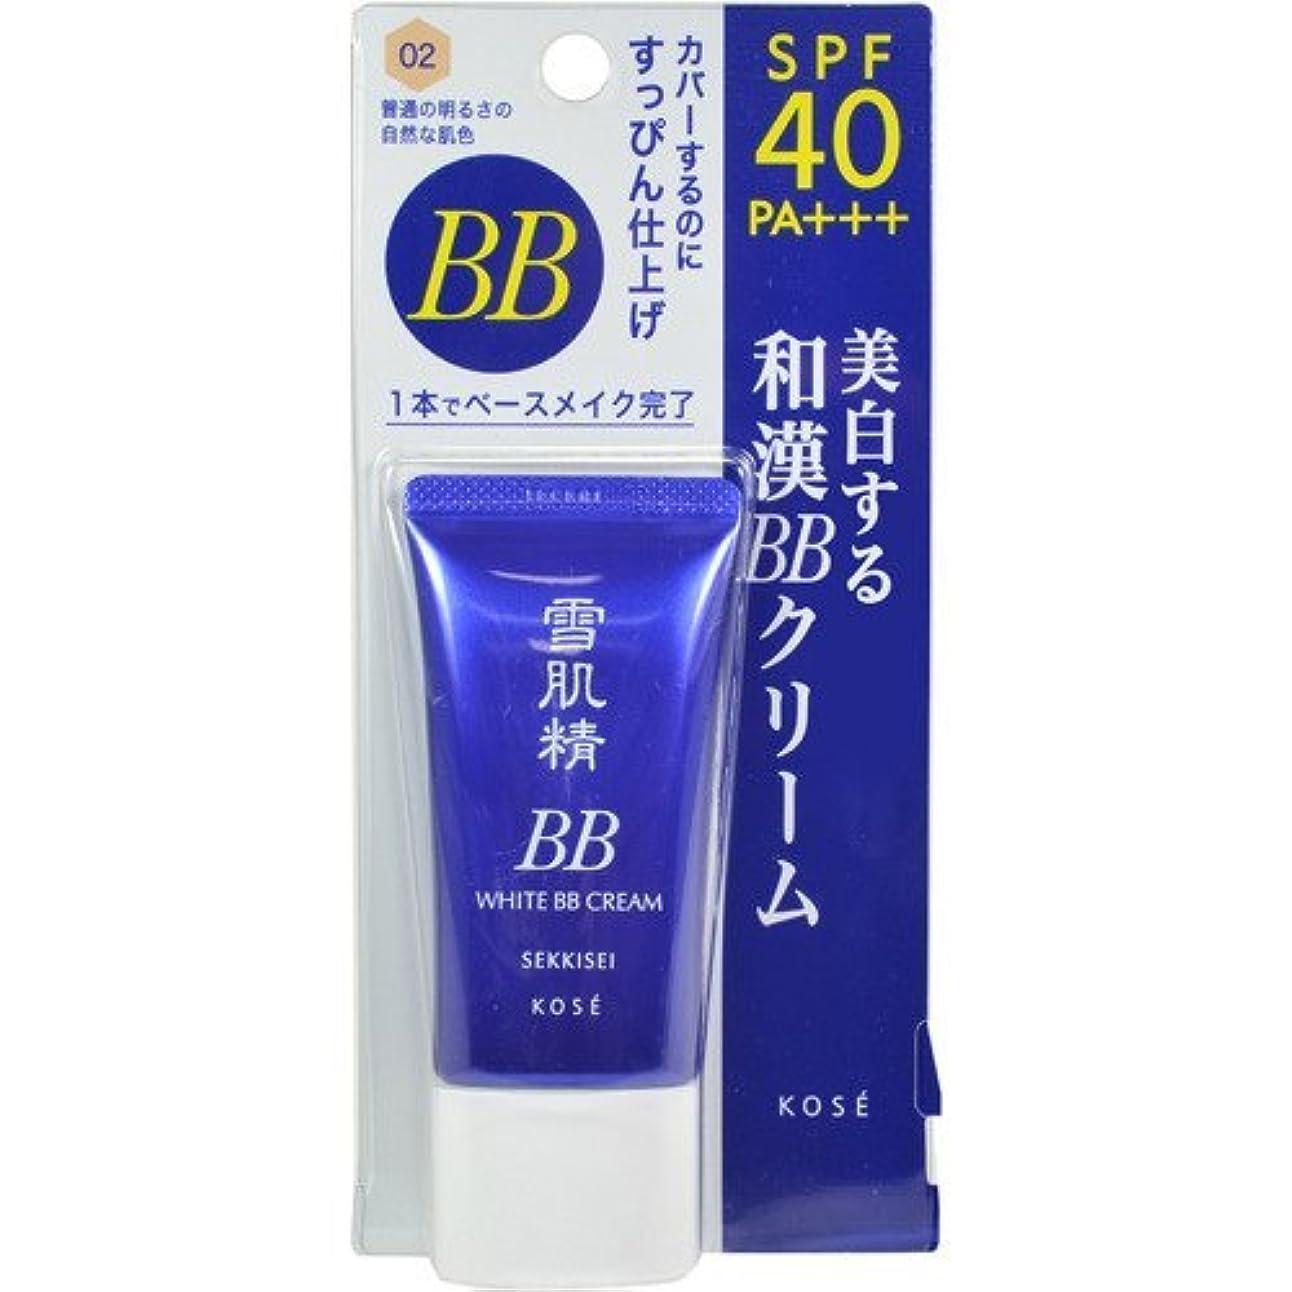 糞チップ識別コーセー 雪肌精 ホワイト BBクリーム 02  30g